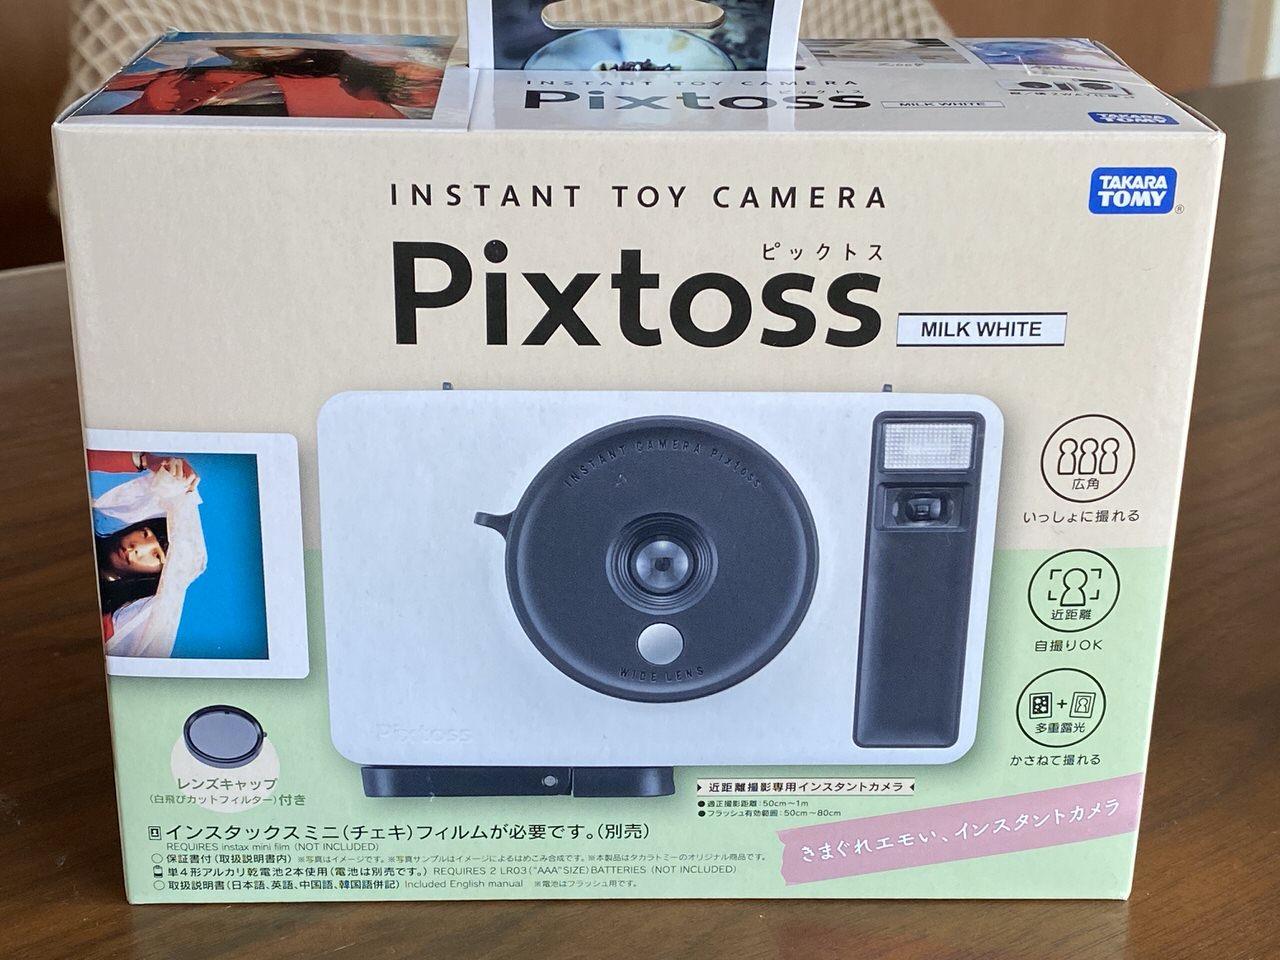 インスタントトイカメラ「Pixtoss(ピックトス)」2